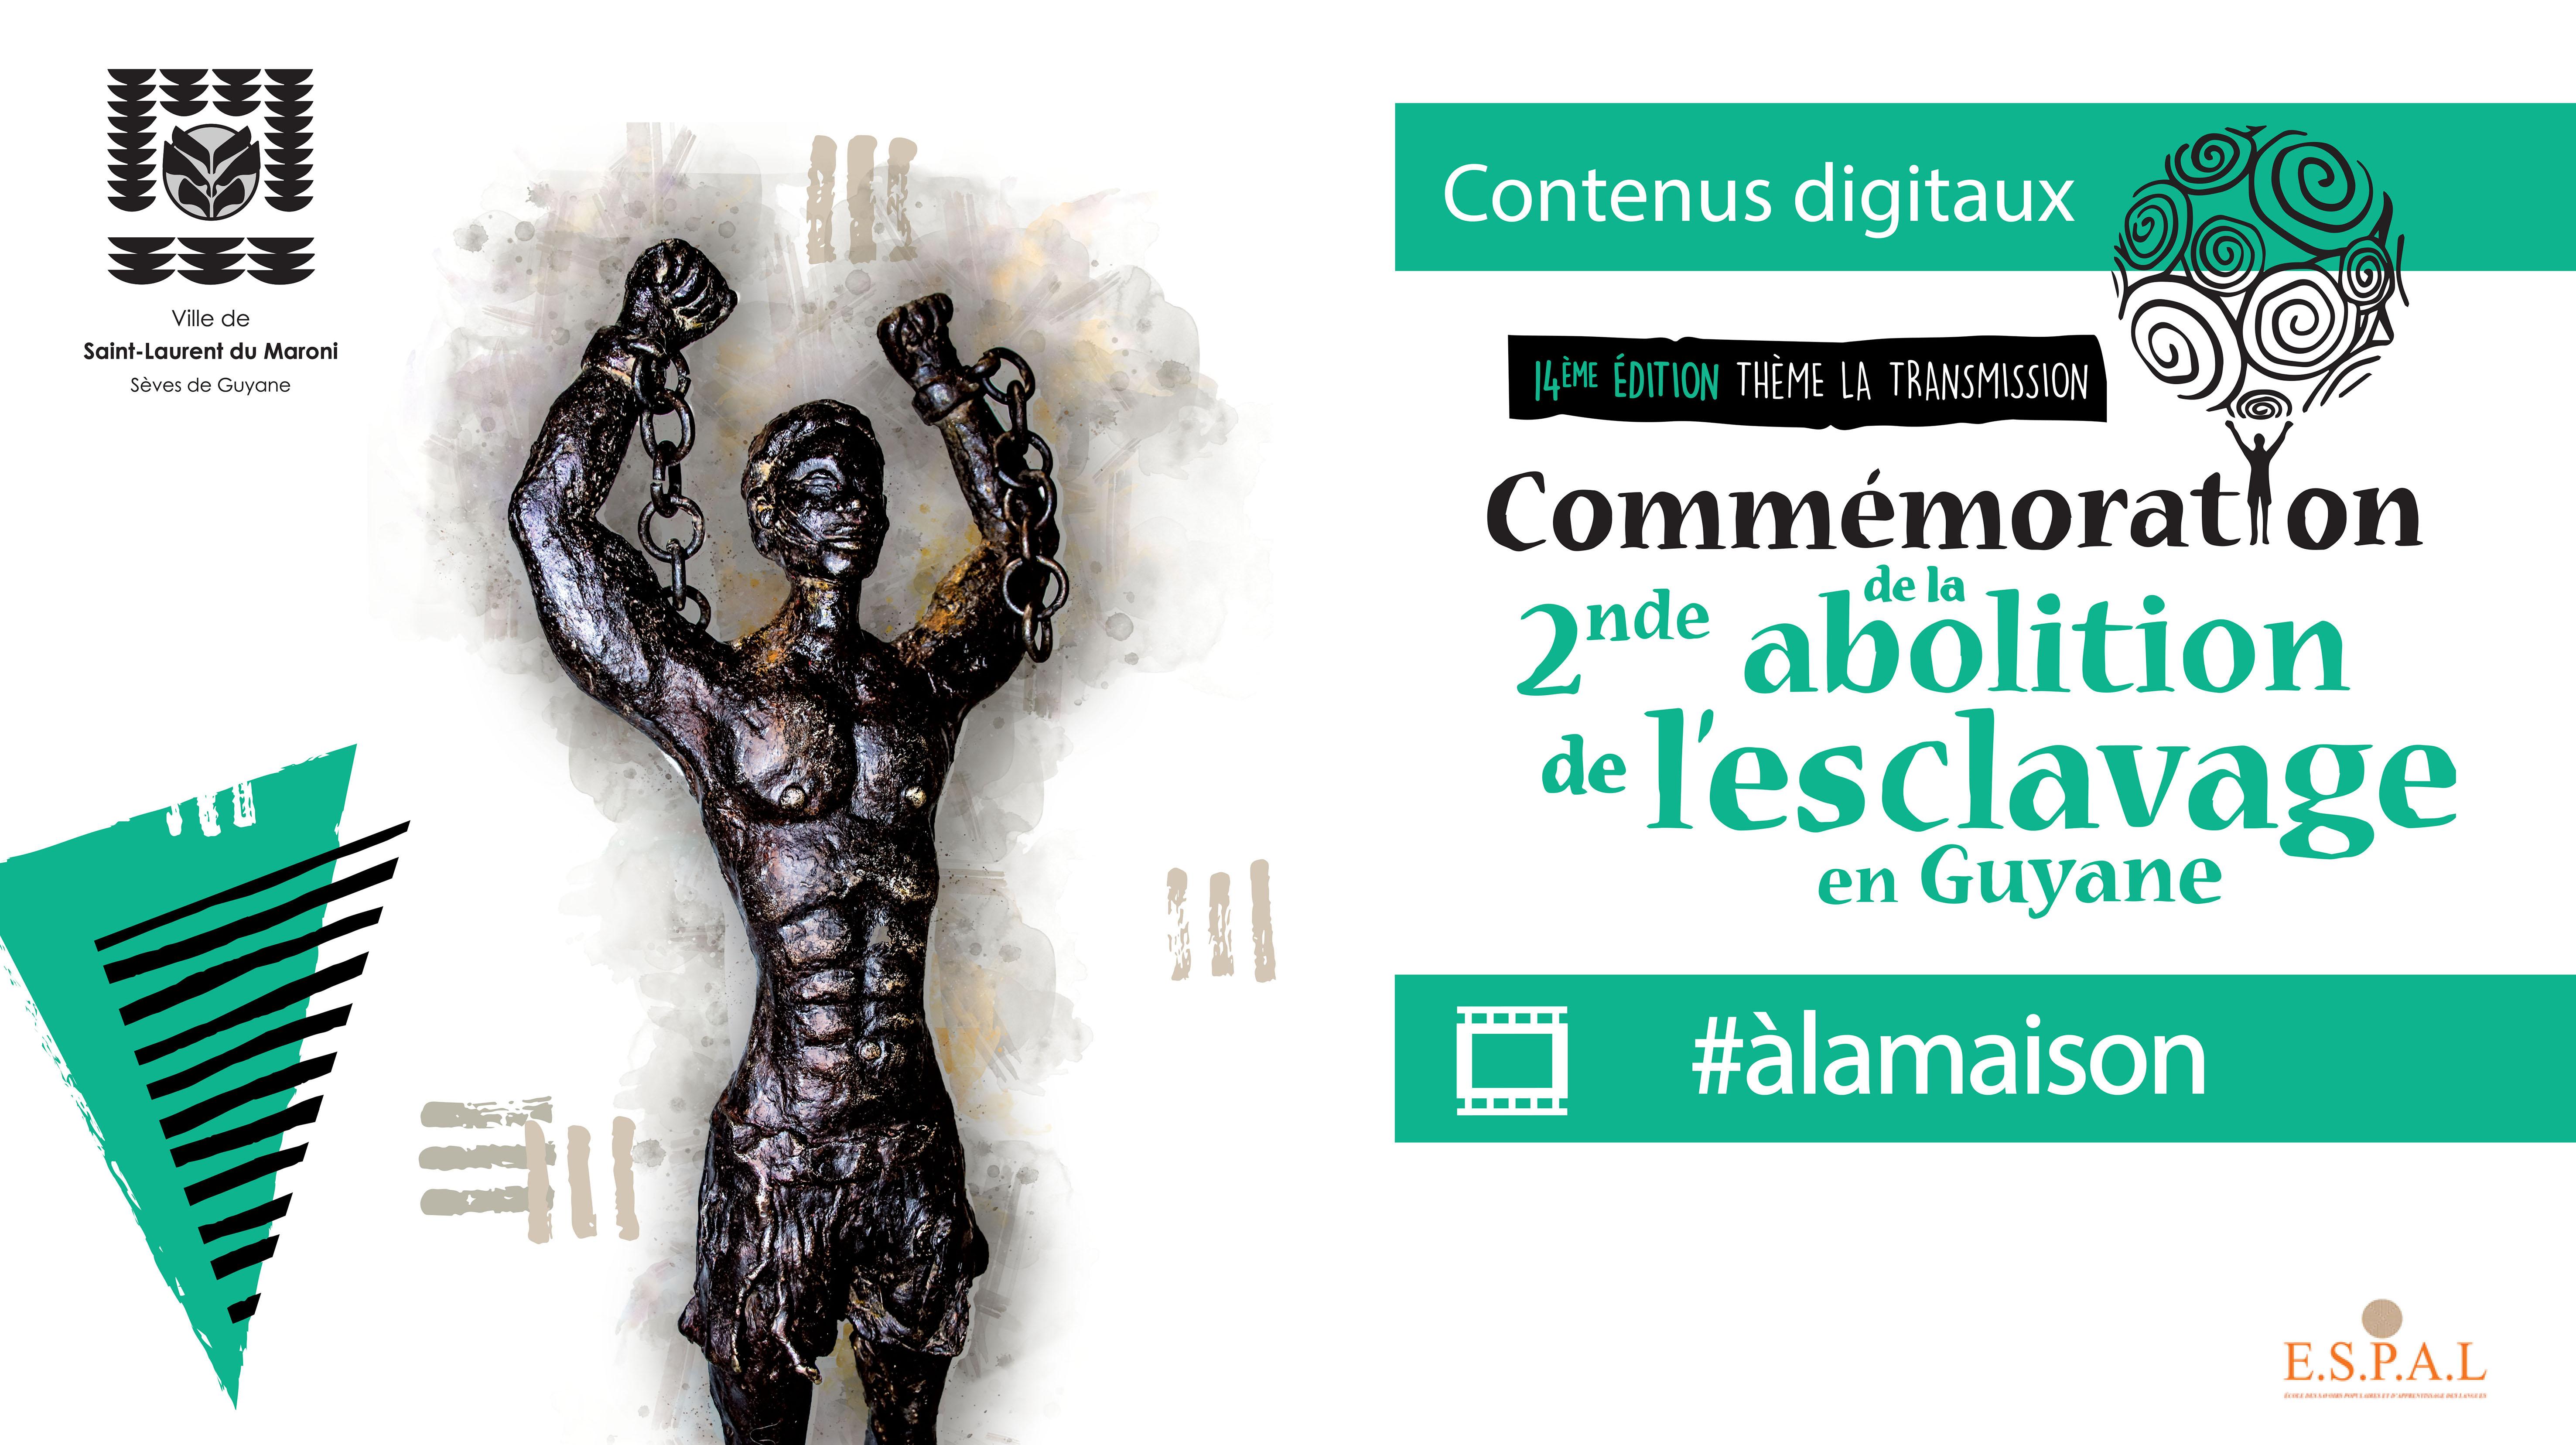 [#commémoration] : de chez vous, accédez à des contenus digitaux gratuits autour de la commémoration de la journée du 10 juin